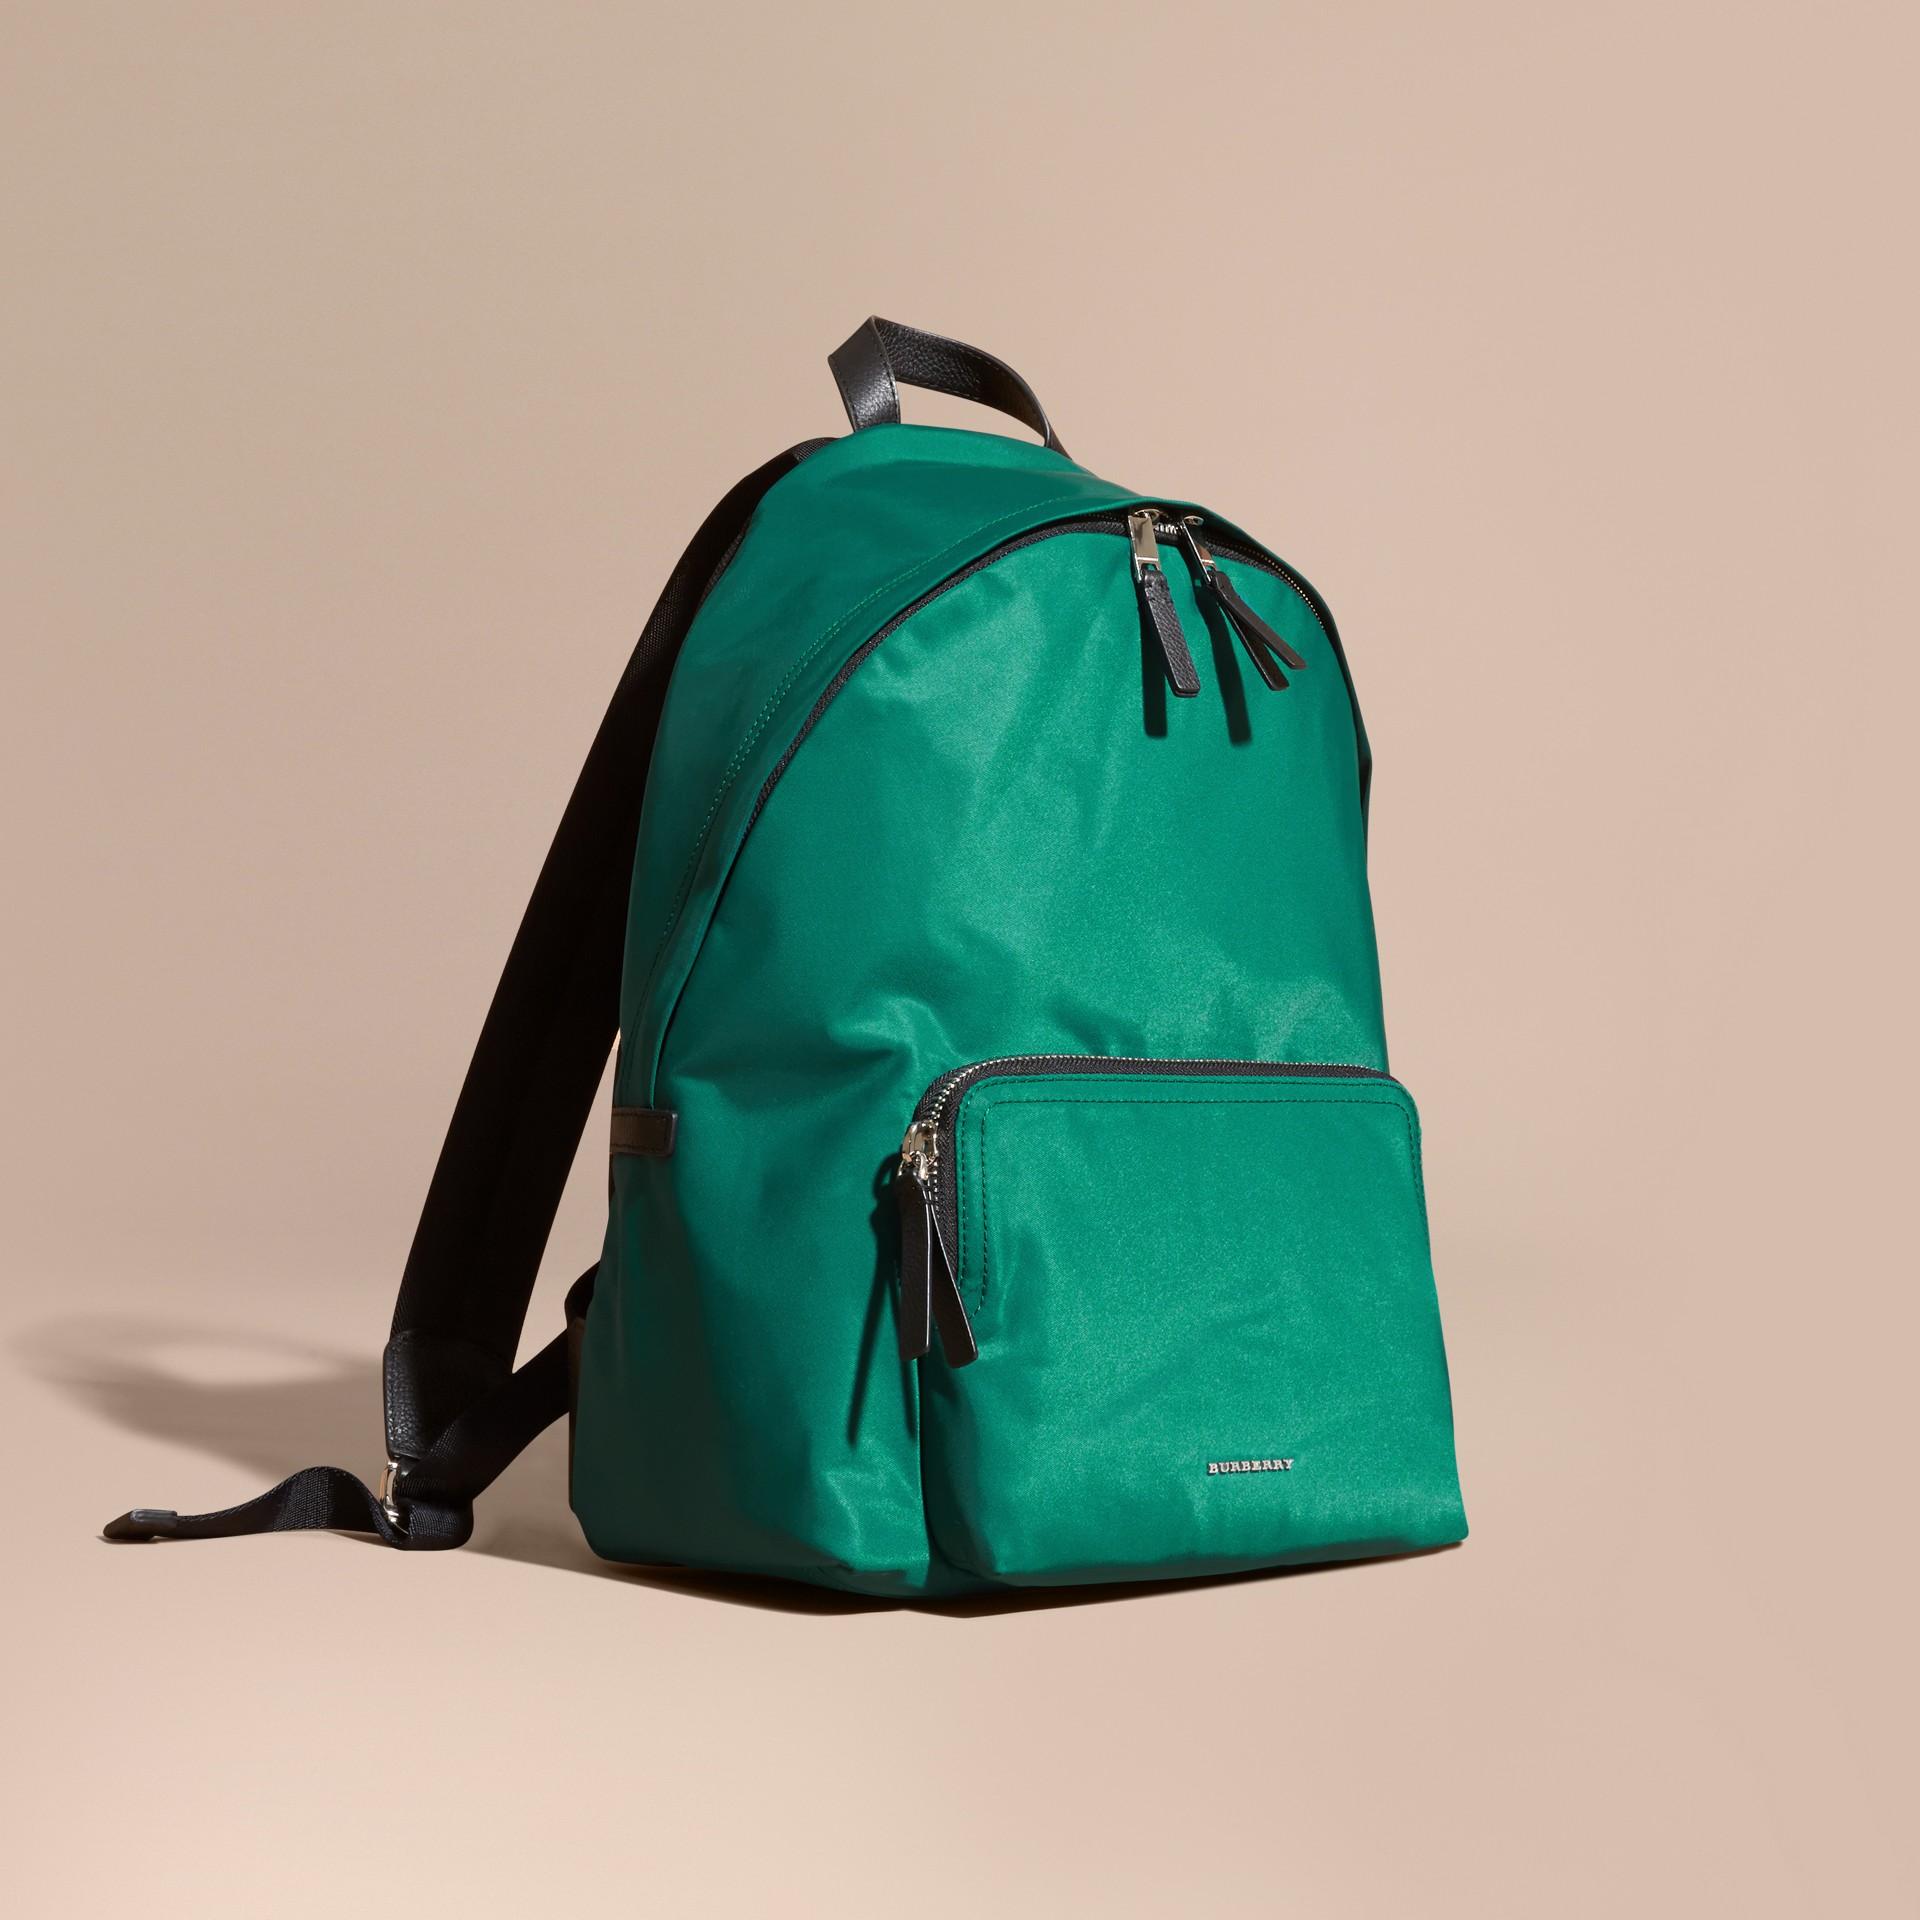 Vert pin Sac à dos en nylon avec éléments en cuir Vert Pin - photo de la galerie 1